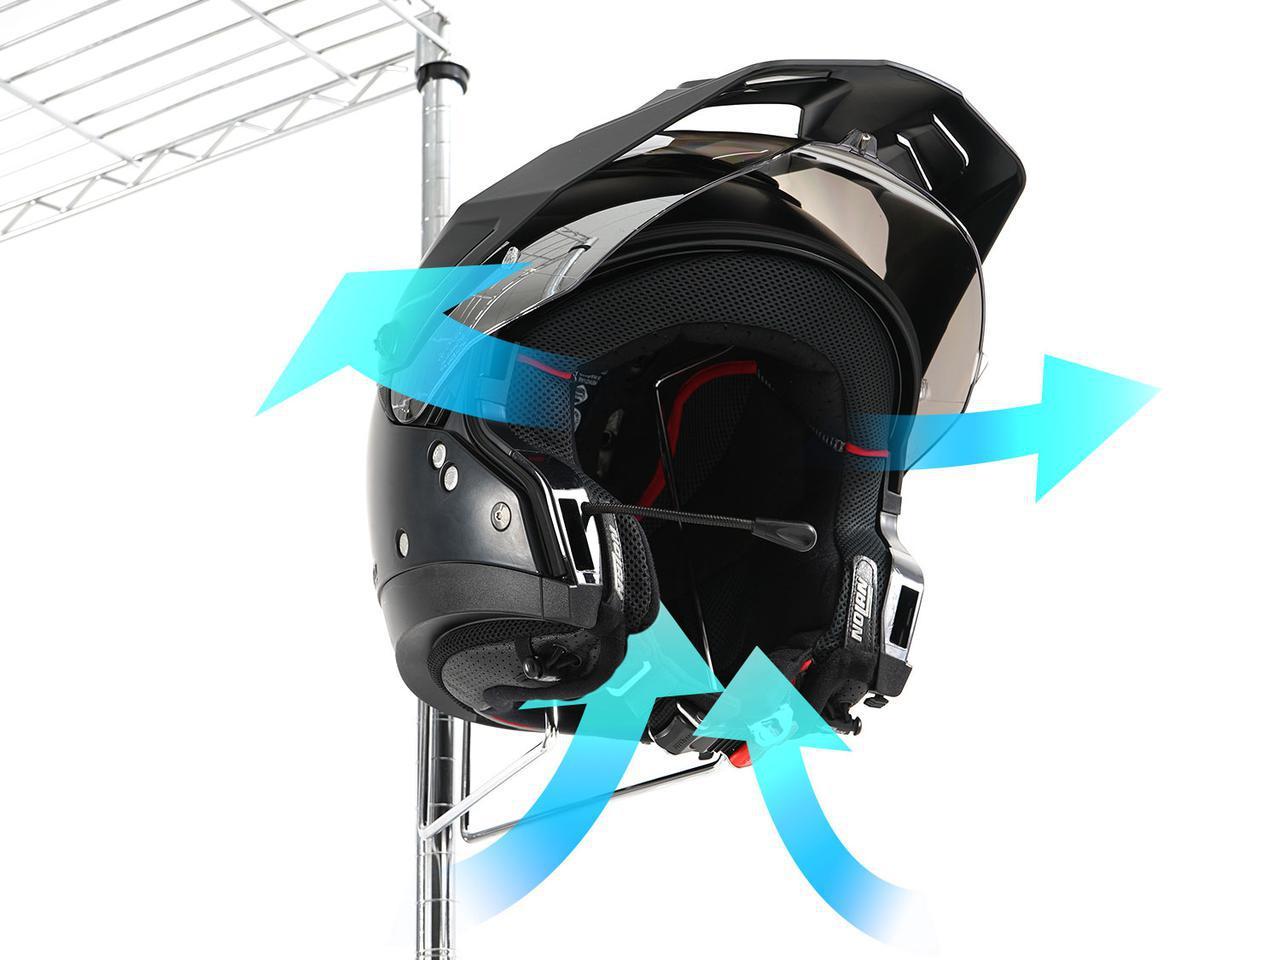 画像: お手持ちのスチールラックに「ヘルメット置き場」をプラス! ドッペルギャンガーの新製品〈ヘルメットハンガー〉が便利そう - webオートバイ